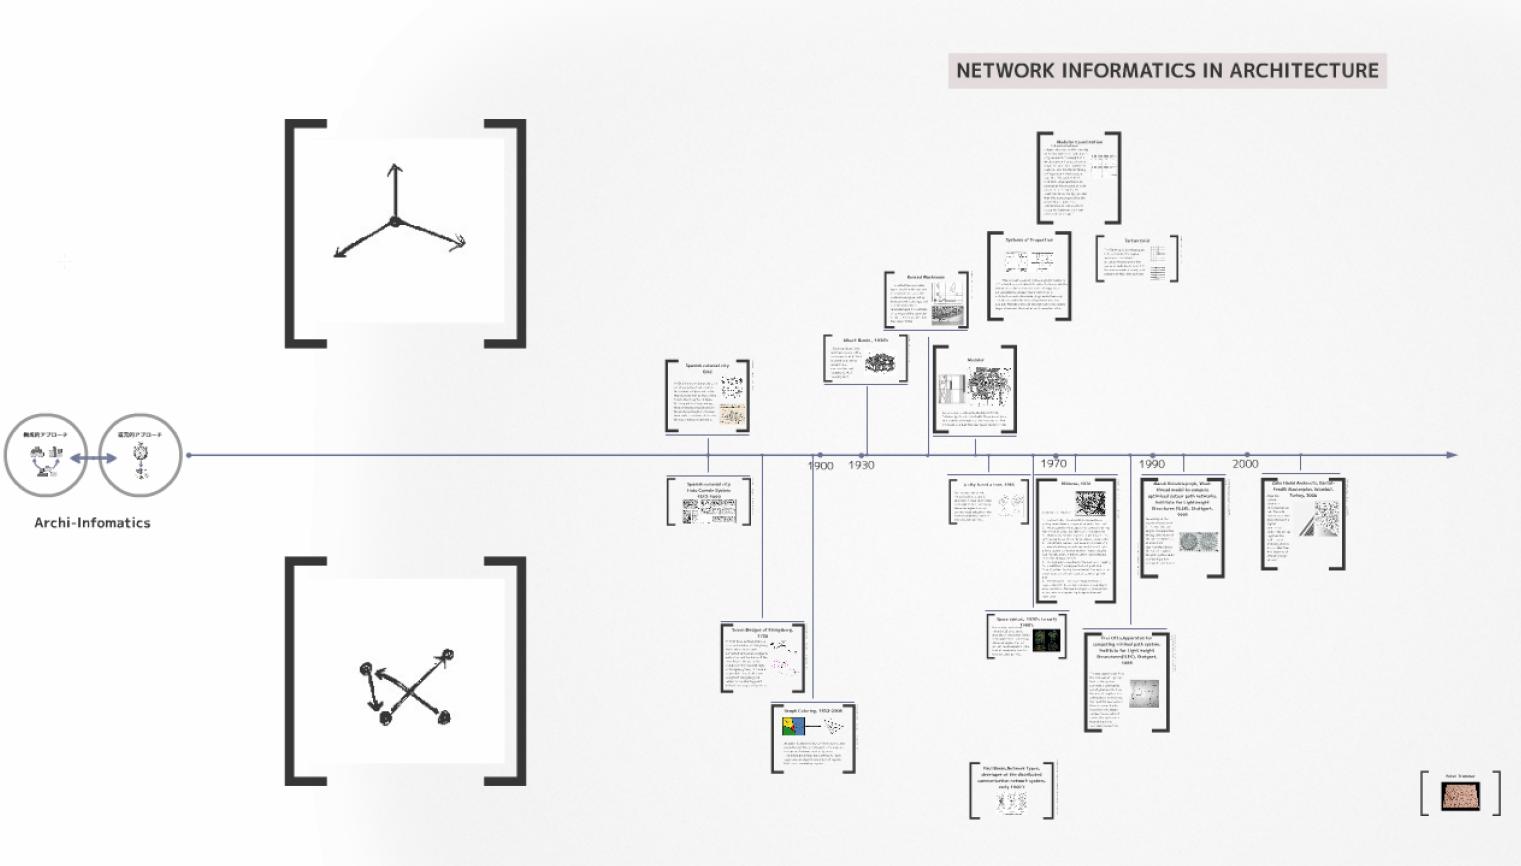 岡田有祐 「建築の情報化とその関係性について」